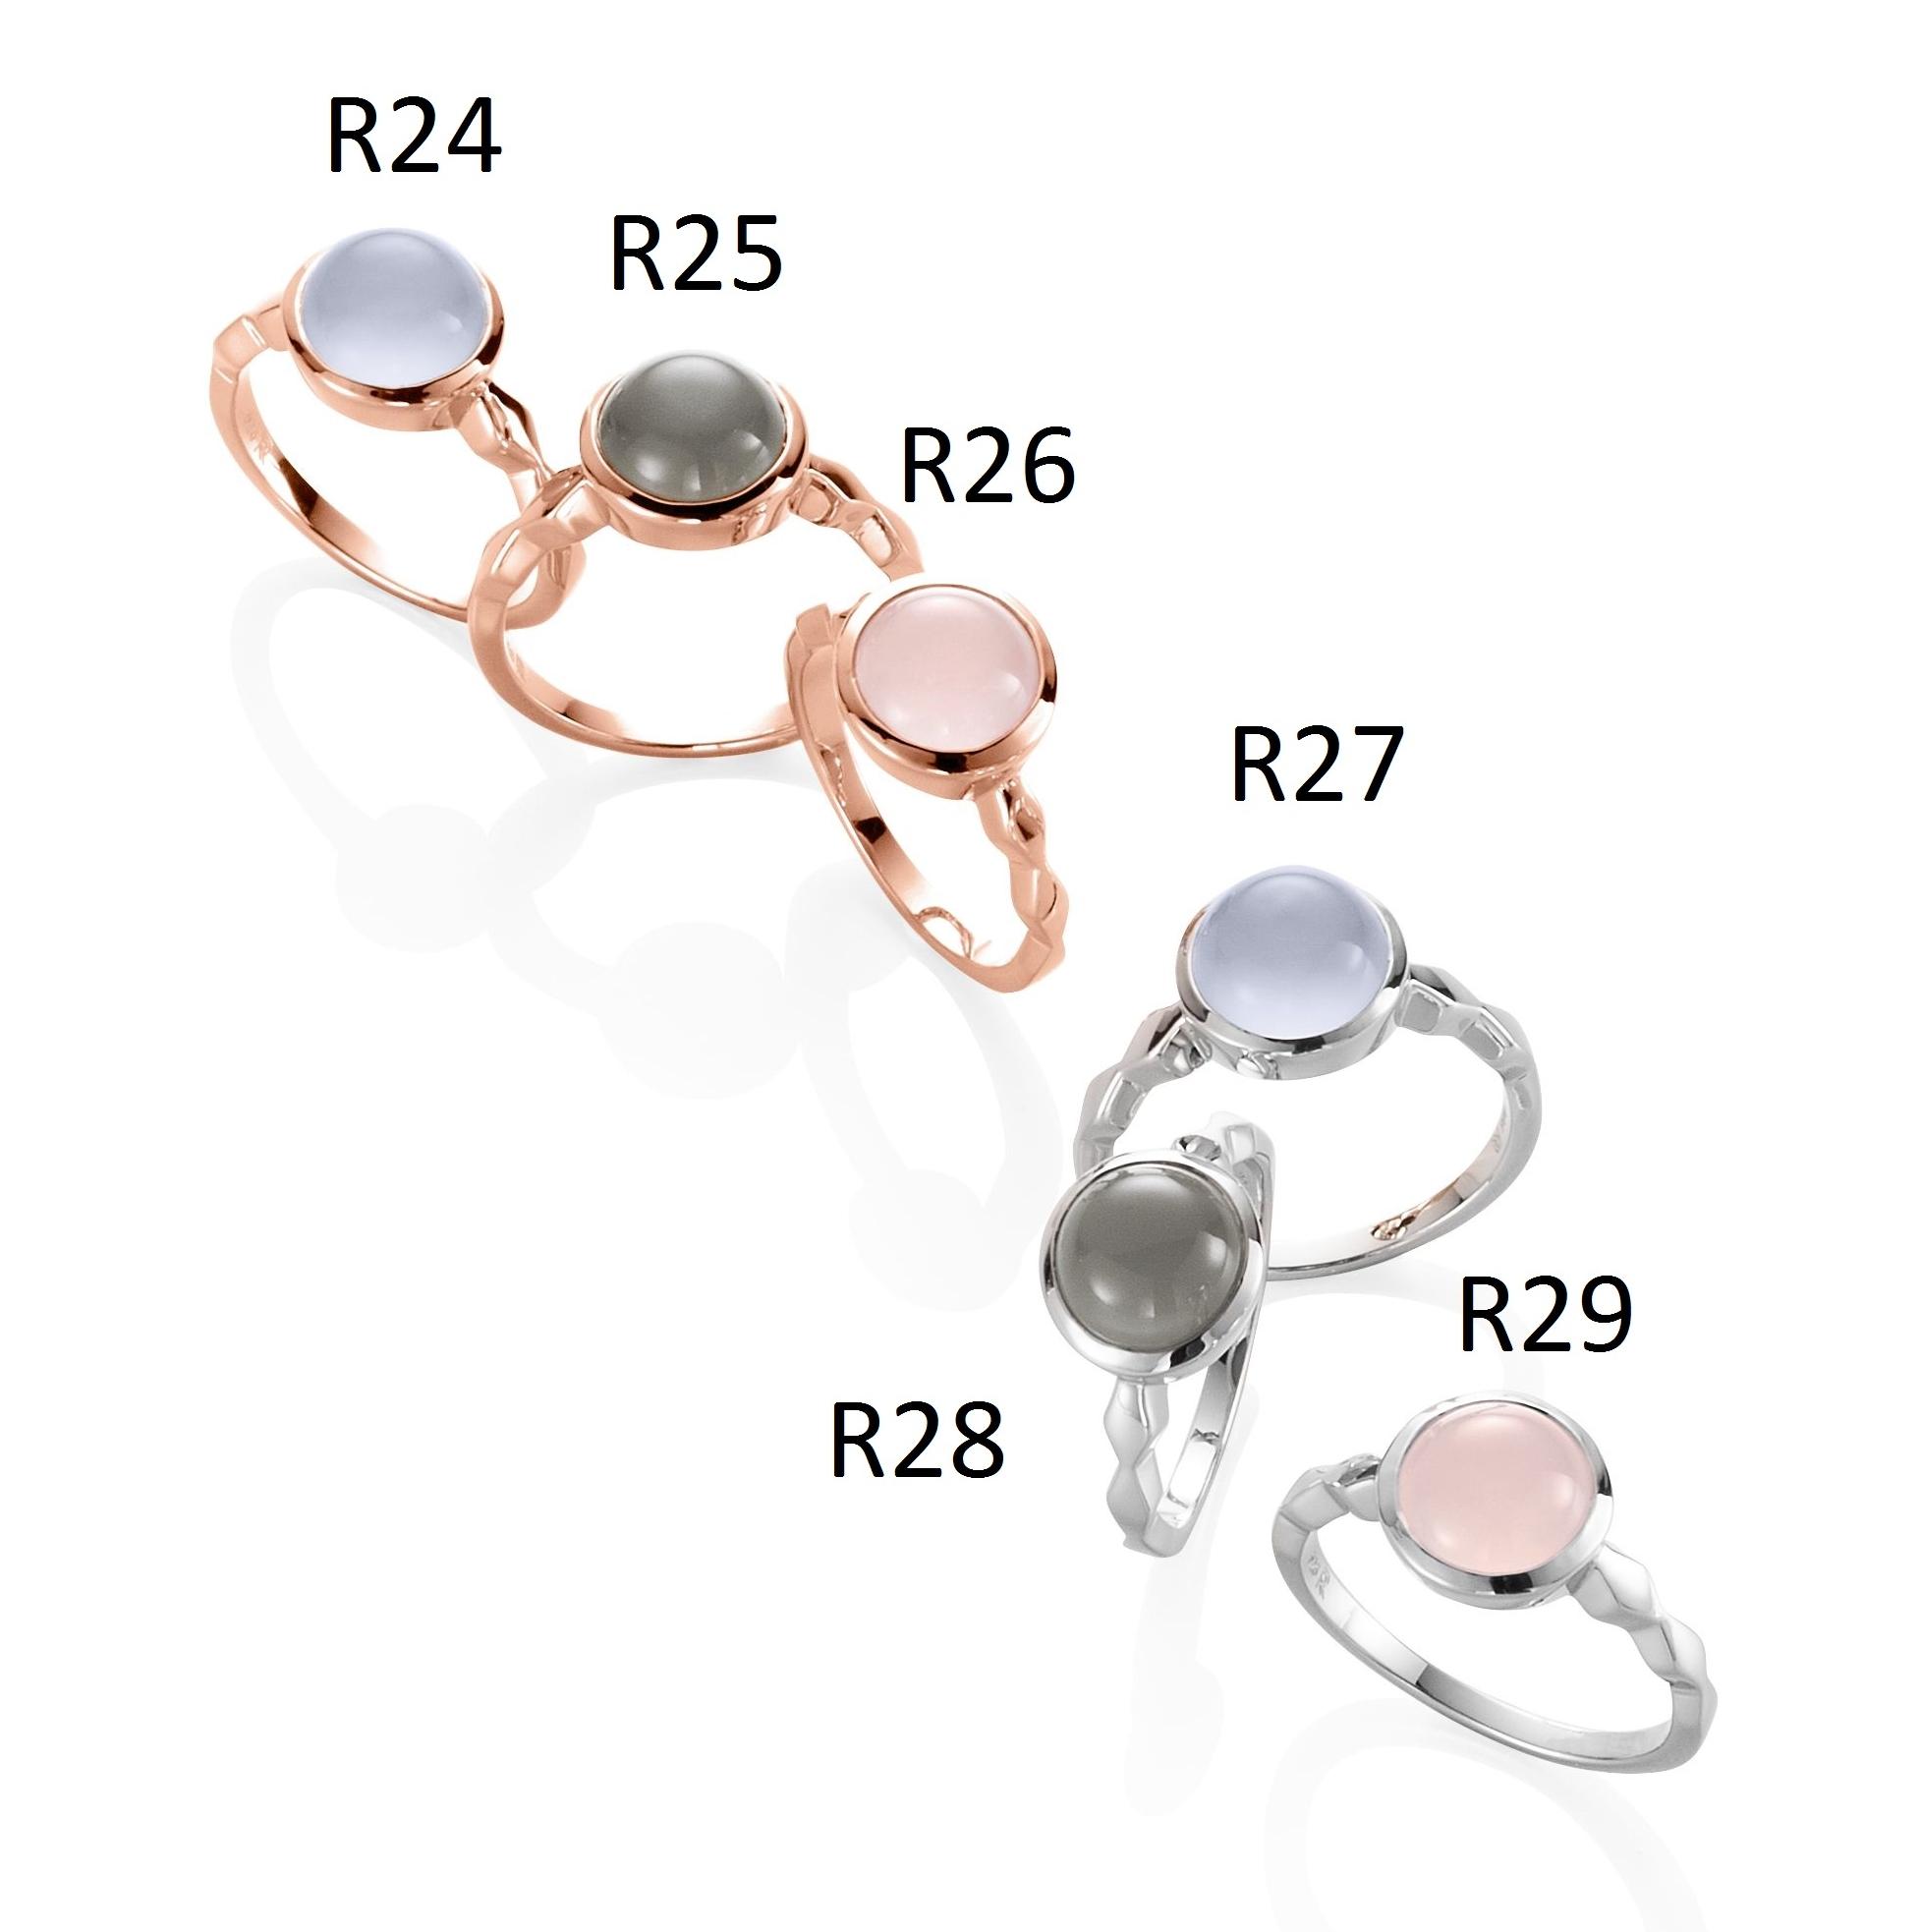 Ratius Ringe verschiedene Farbsteine und Plattierungen R24,R25,R26,R27,R28,R29